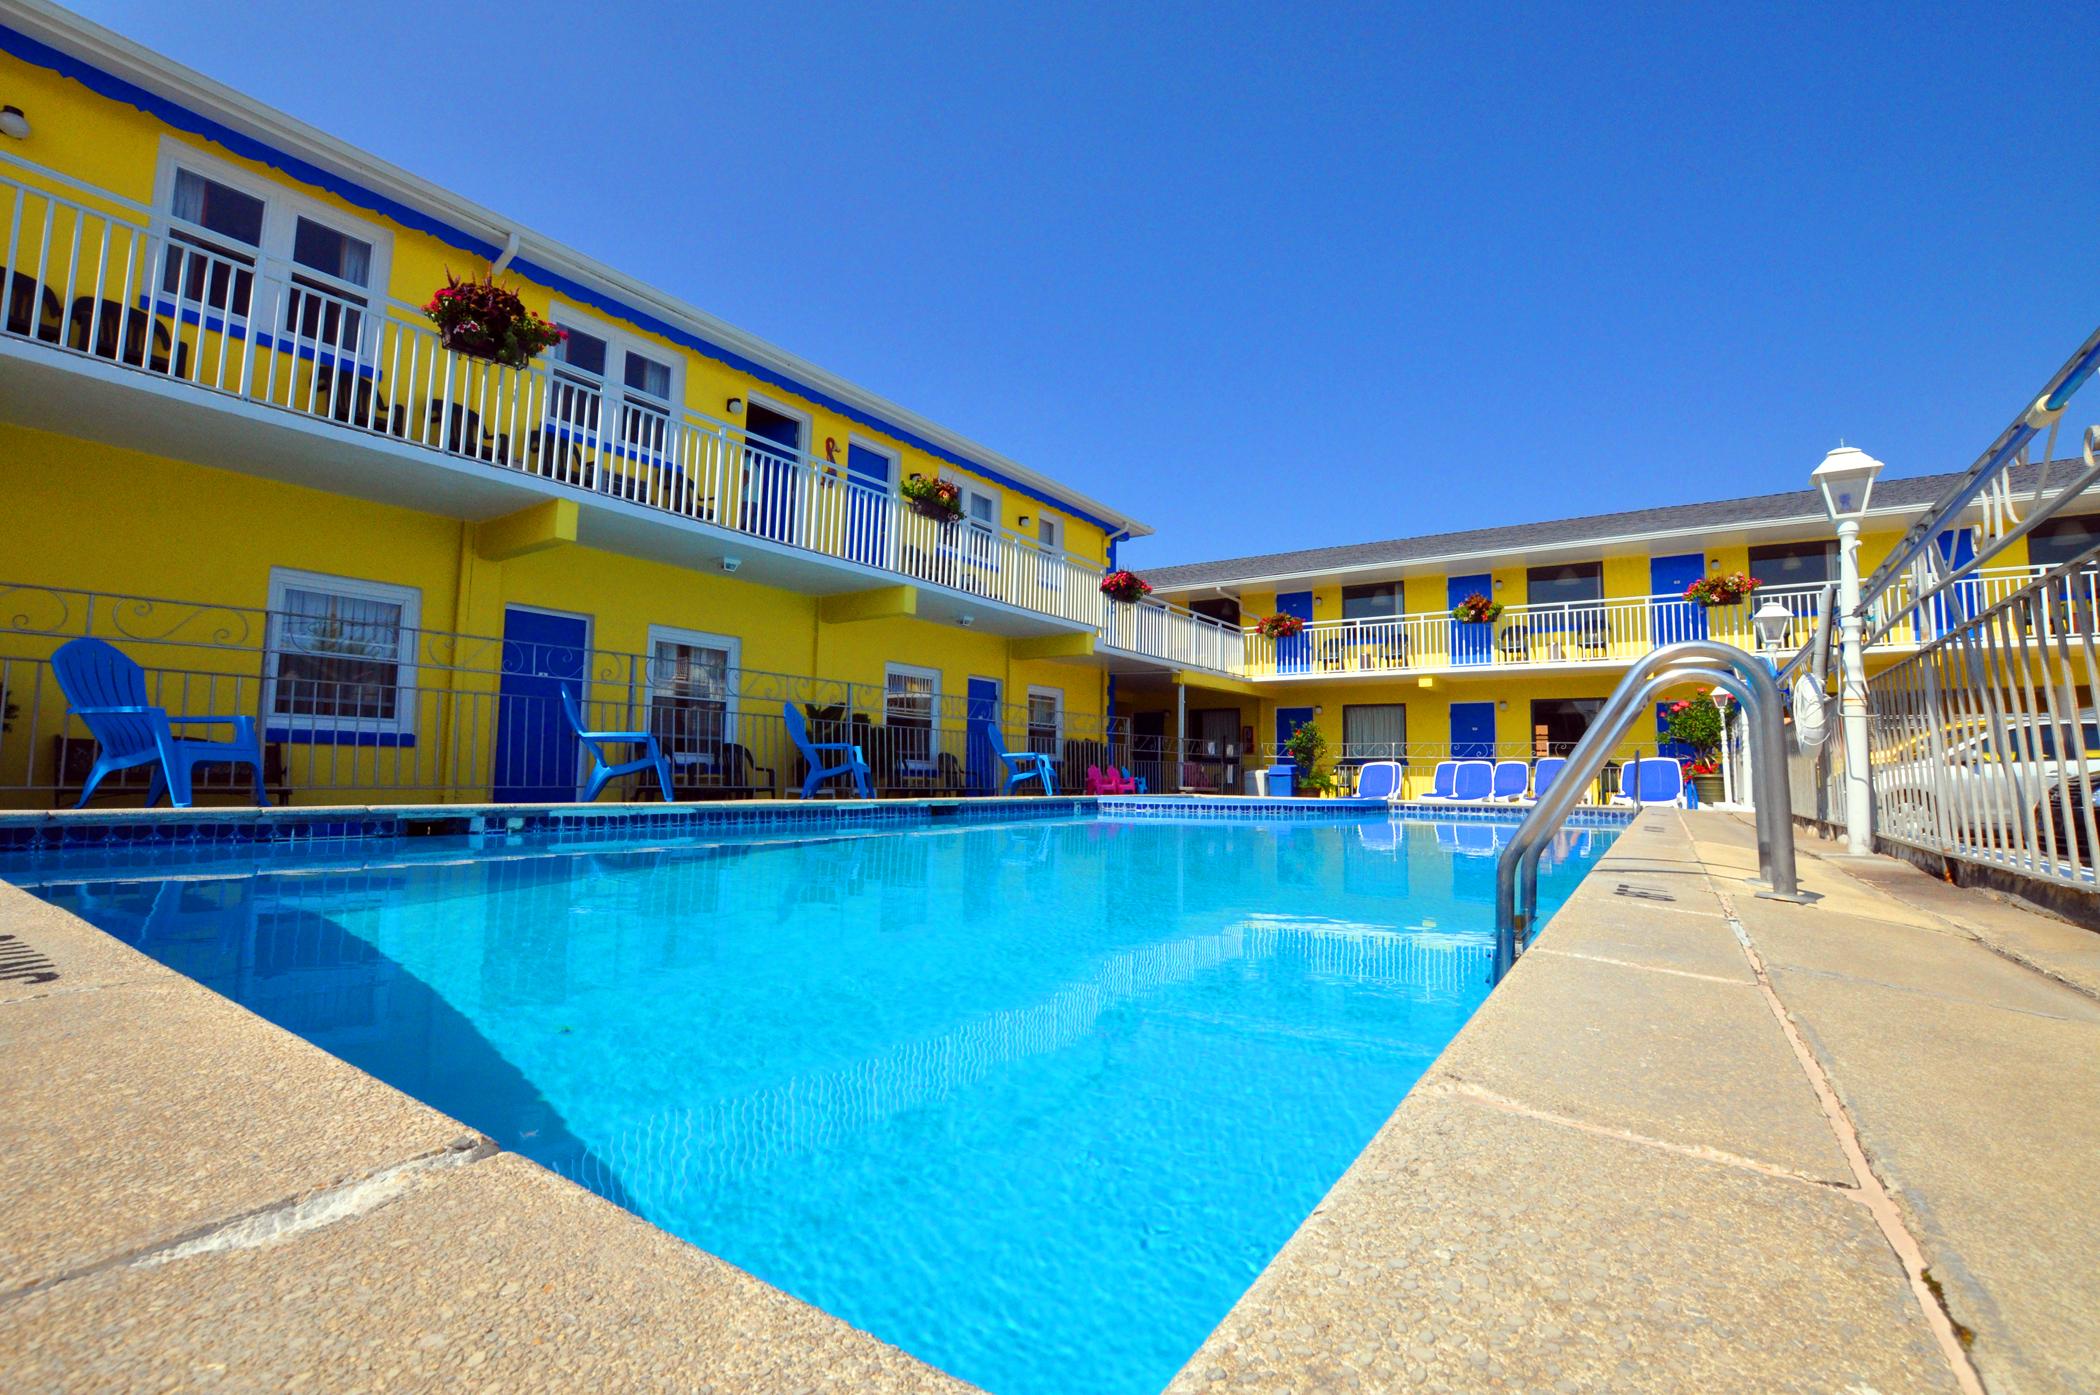 Nantucket hotel in Wildwood Pool